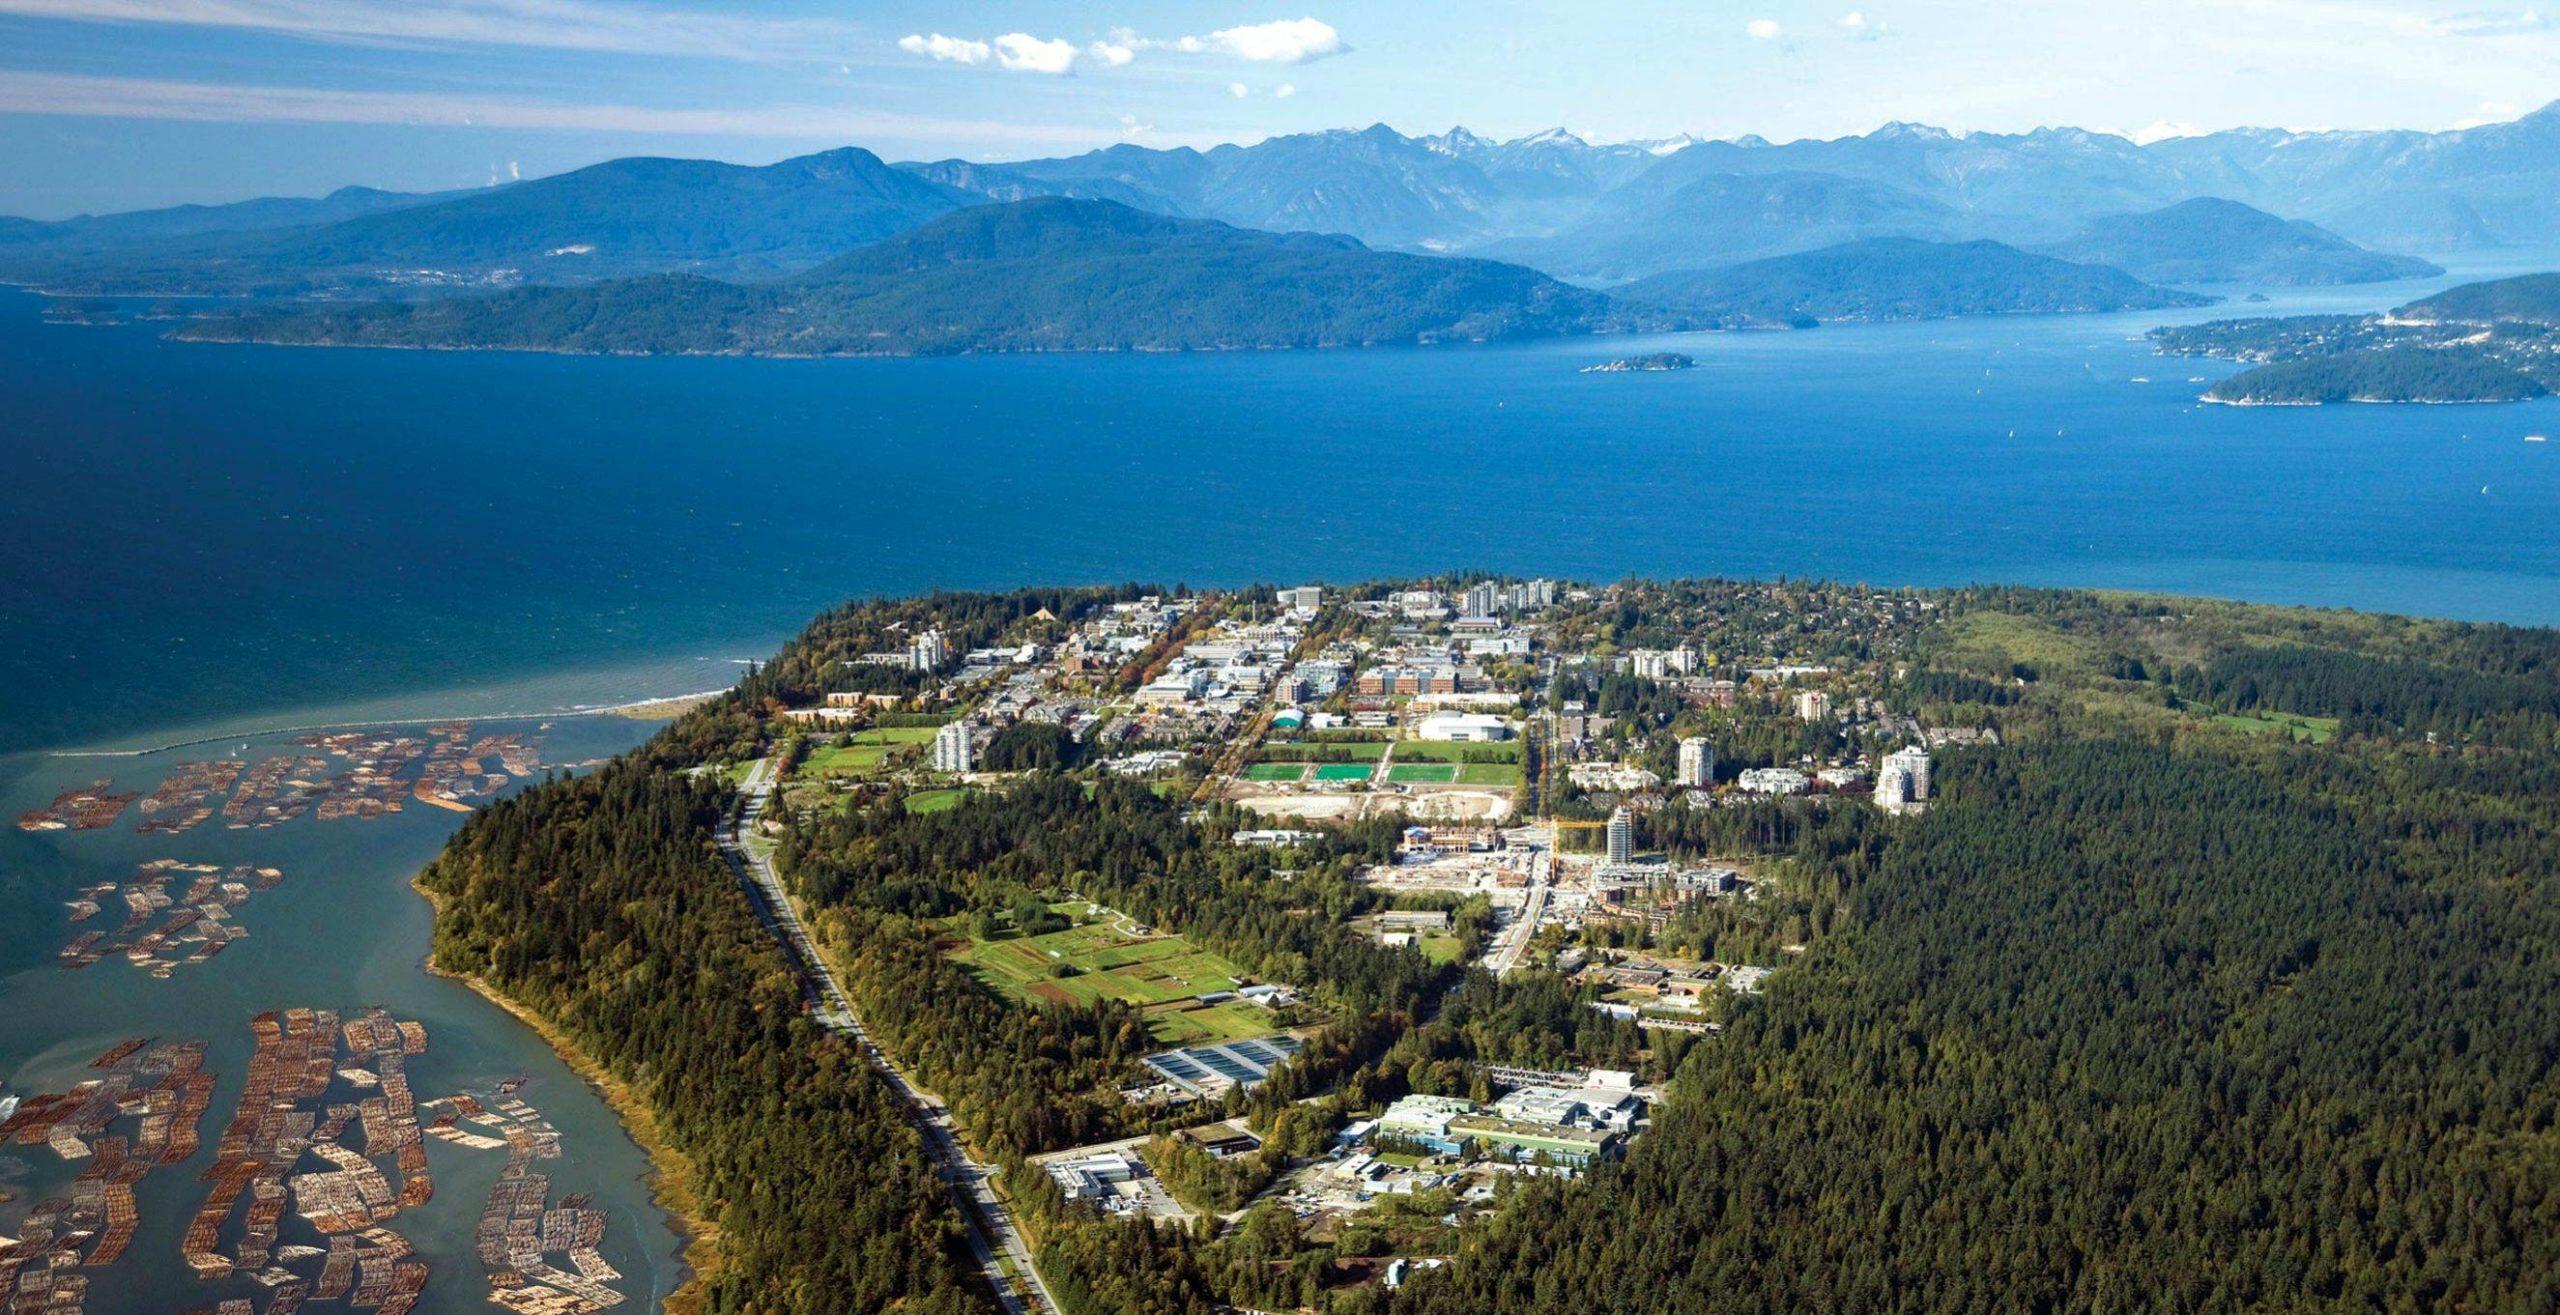 University of British Columbia campus